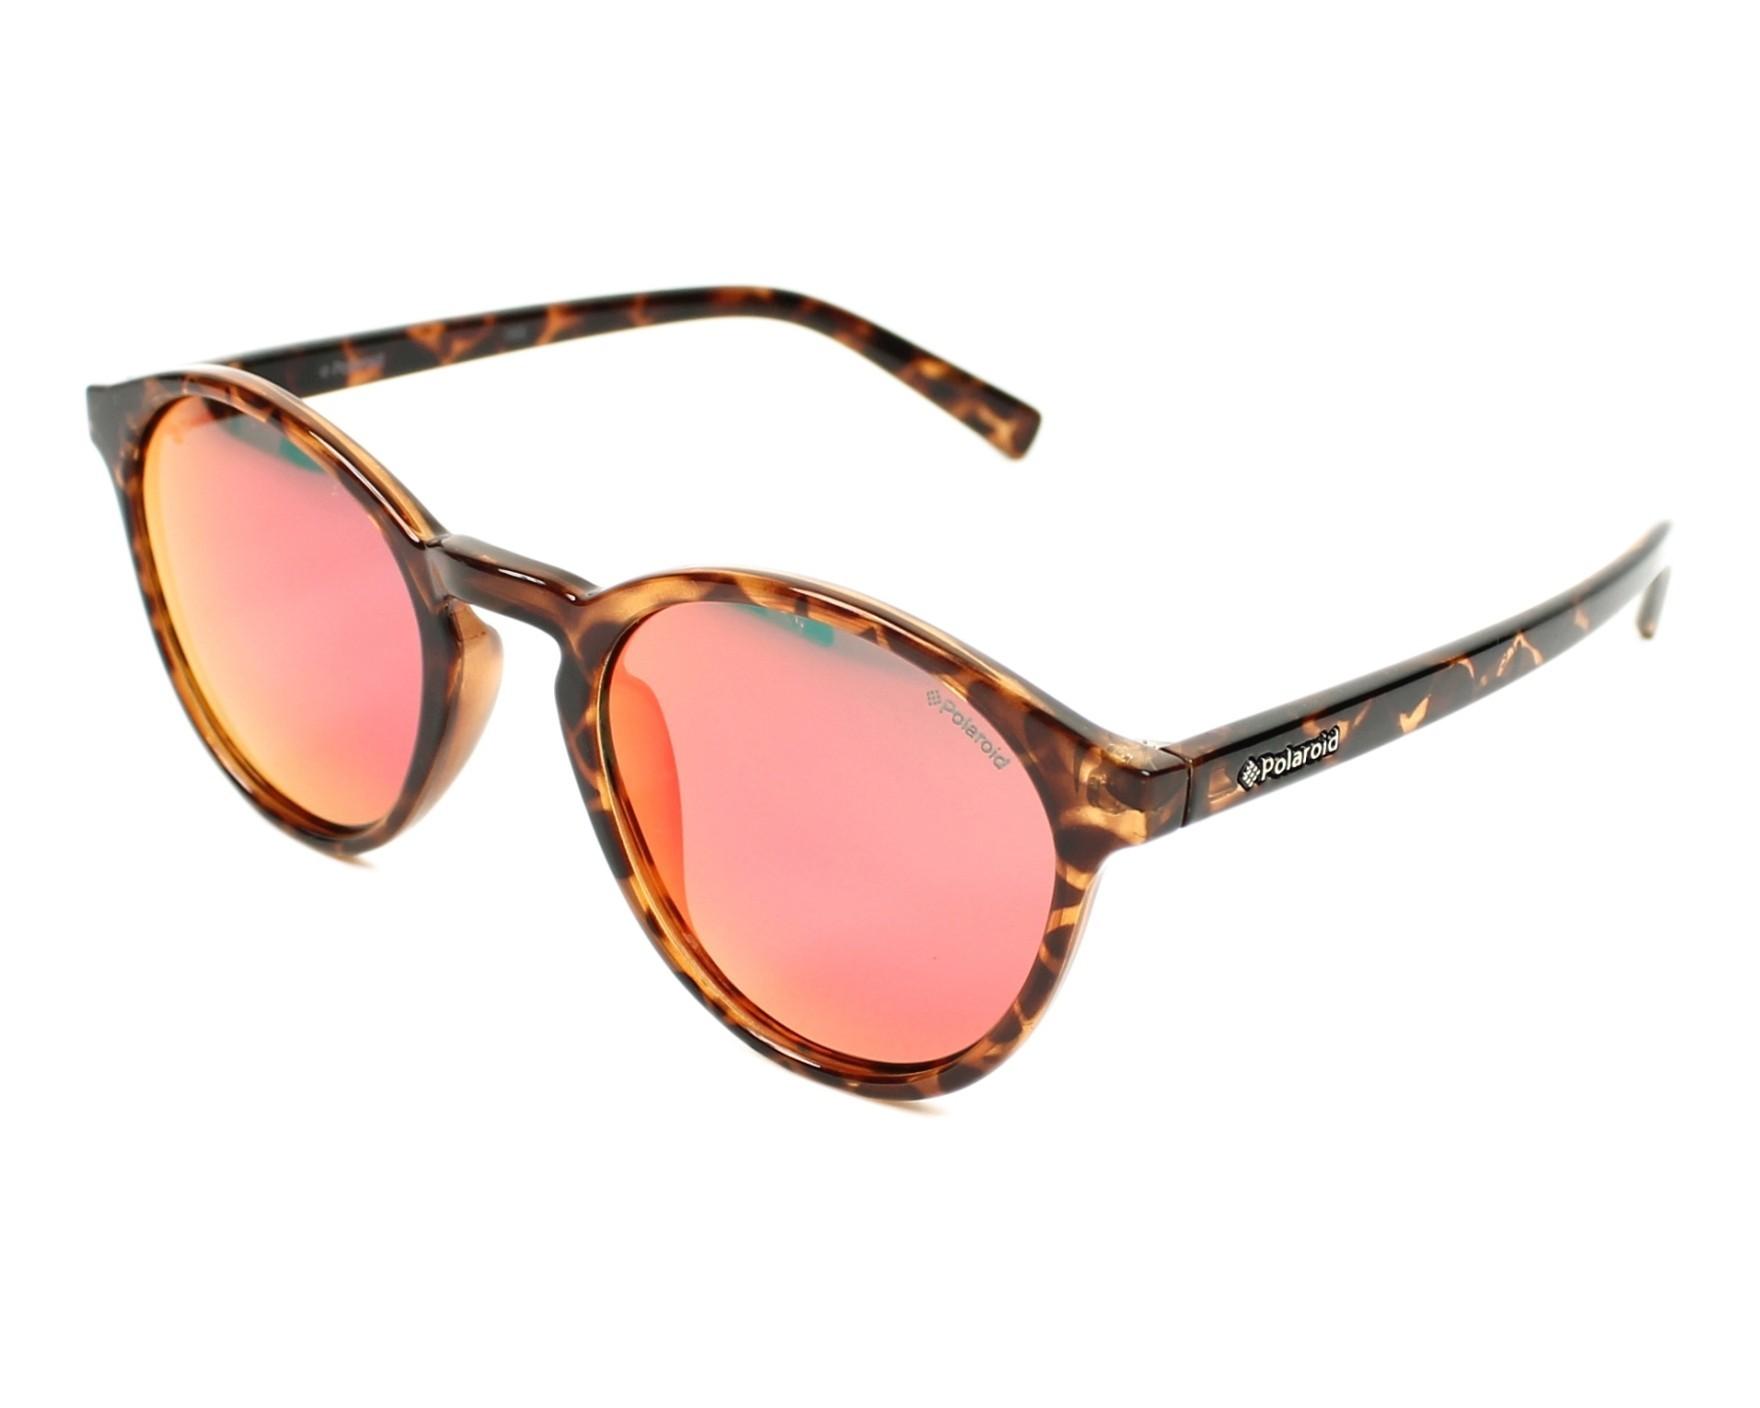 785d4d73d7a Sunglasses Polaroid PLD-6013-S PPT OZ 50-22 Havana profile view